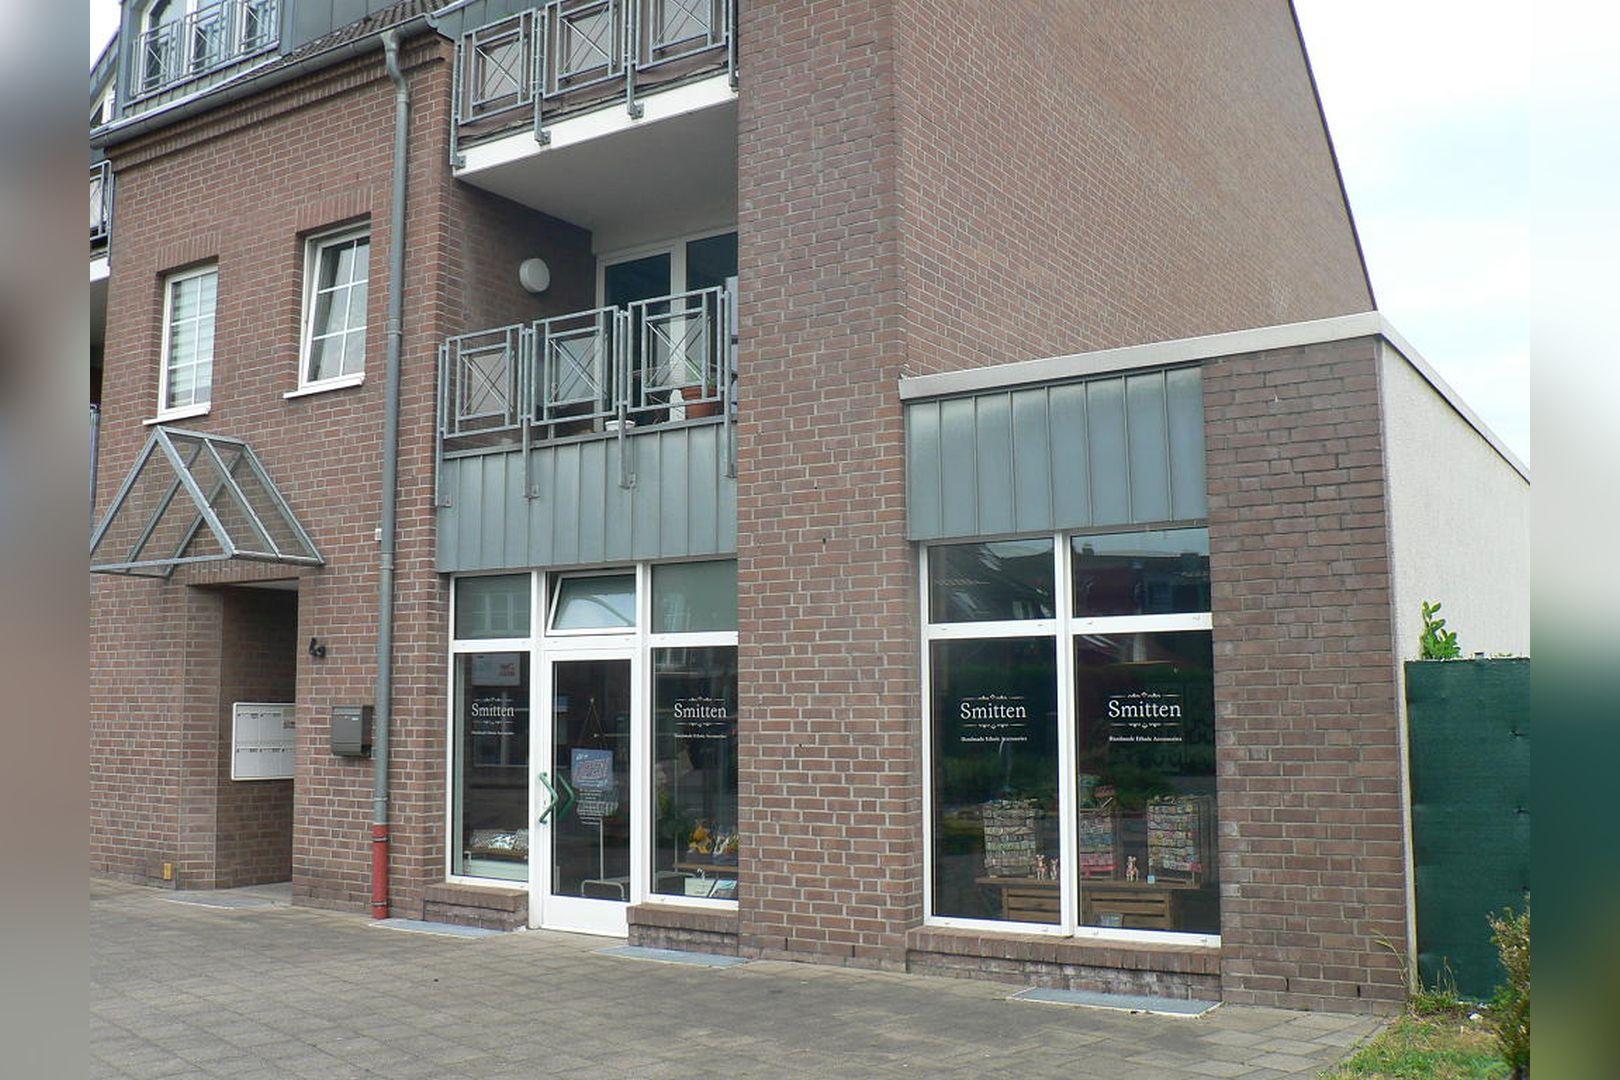 Immobilie Nr.0229 - Ladenlokal mit Lagerflächen, Teeküche, WC-Anlage u. Stellplatz - Bild 11.jpg